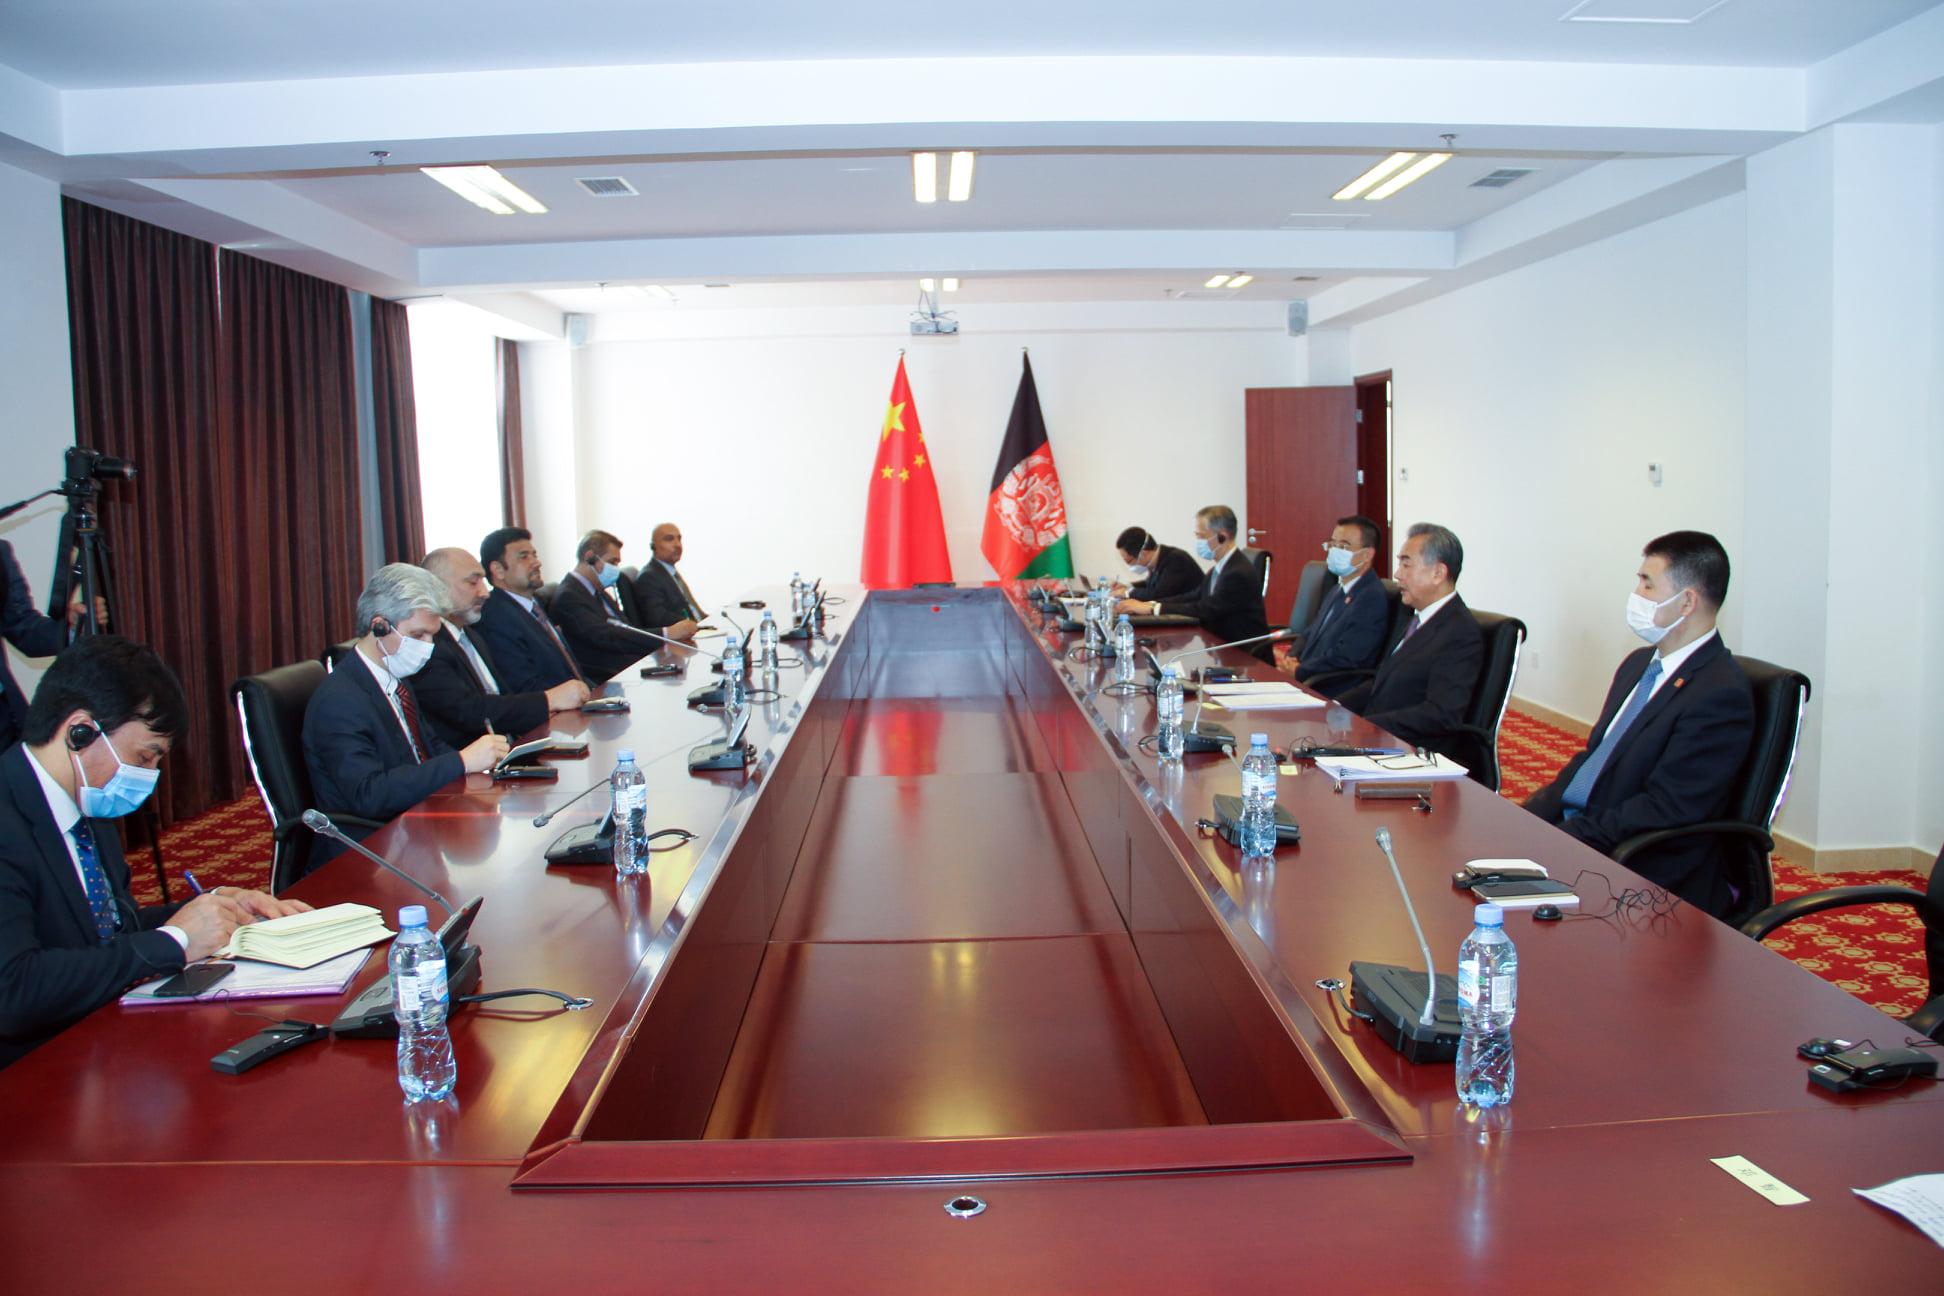 د افغانستان د بهرنیو چارو وزیر له خپل چینايي سیال سره لیدلي